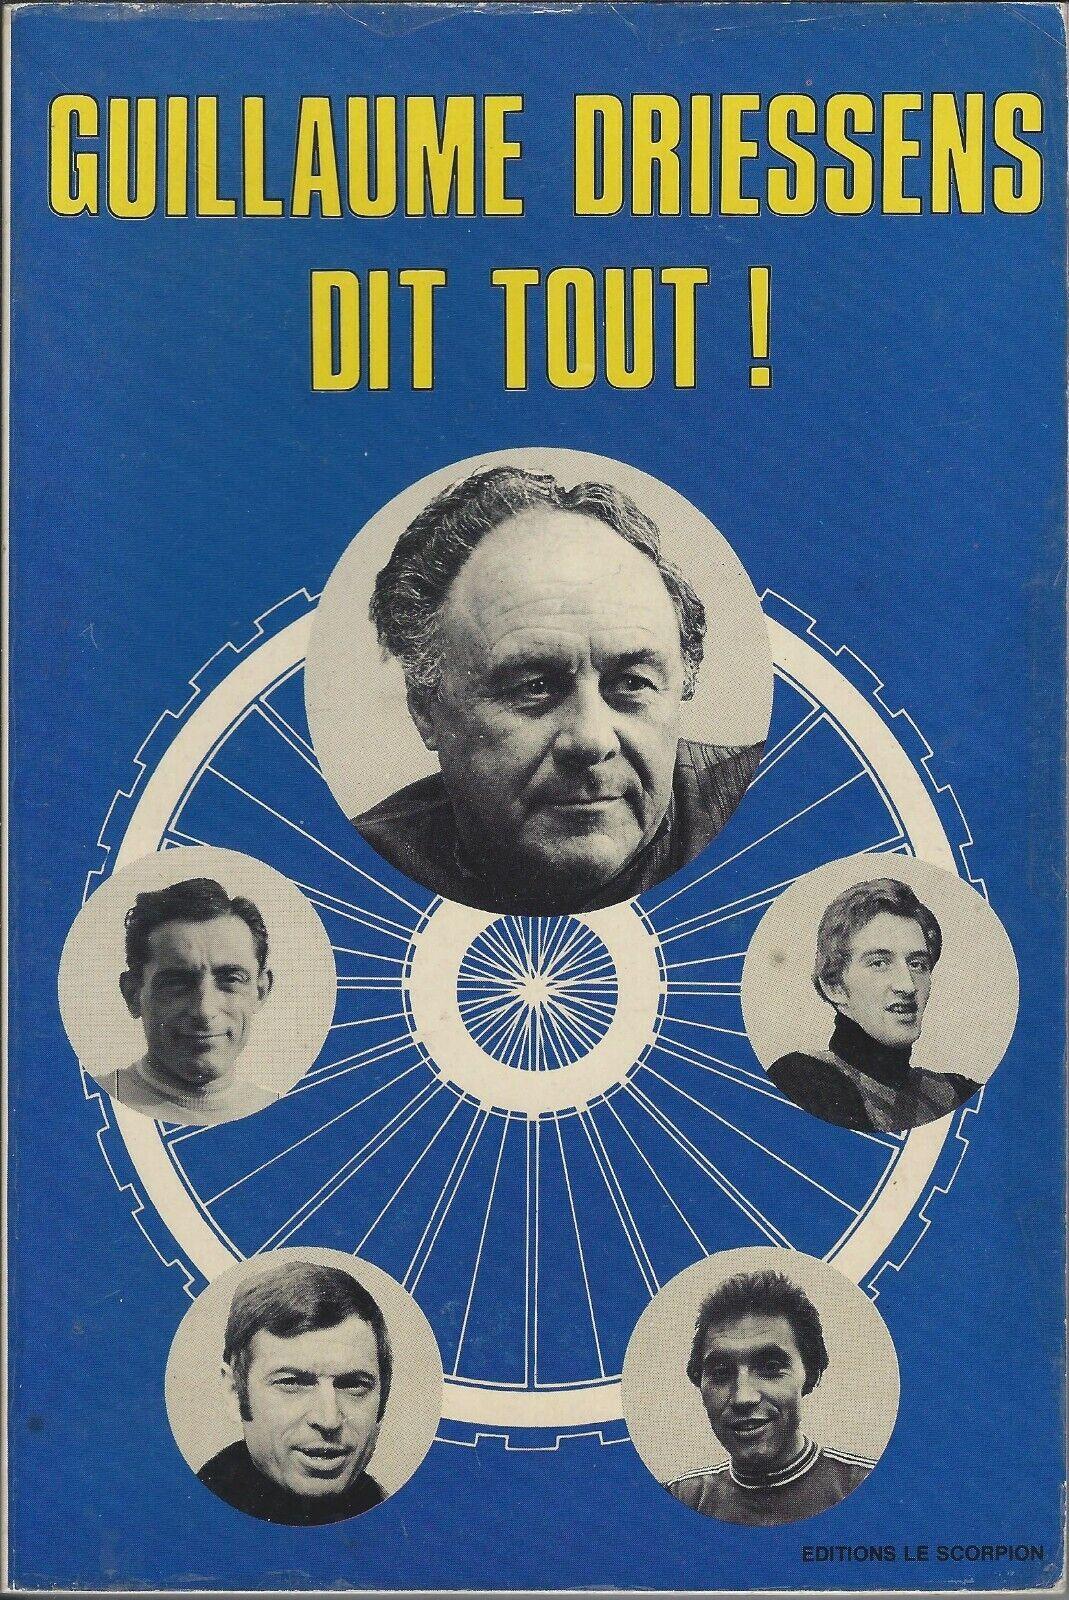 Livre Cyclisme: Guillaume Driessens dit tout ! (Editions Le Scorpion)